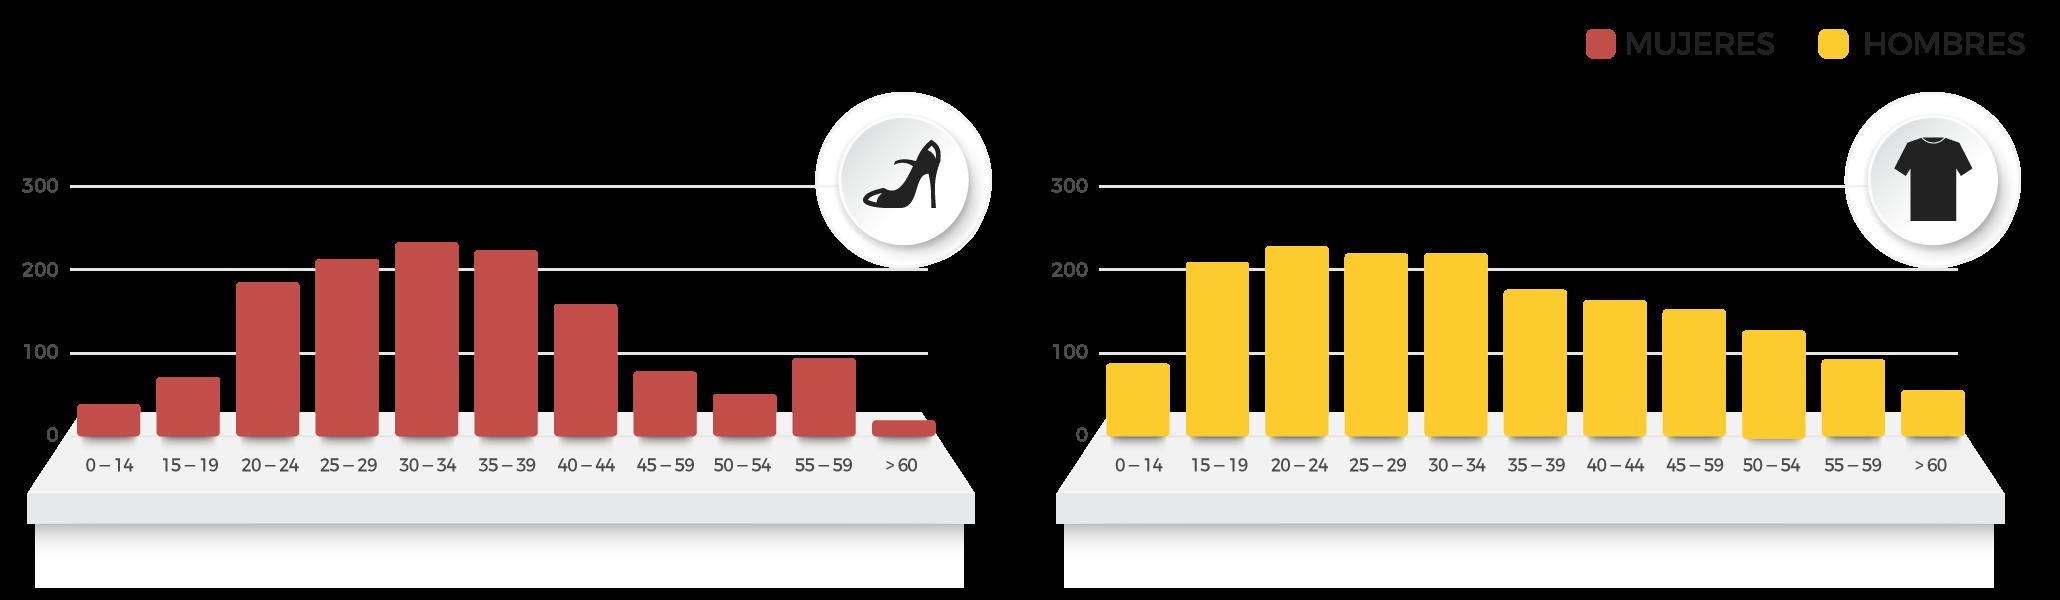 Grafico comparativo productos cliente